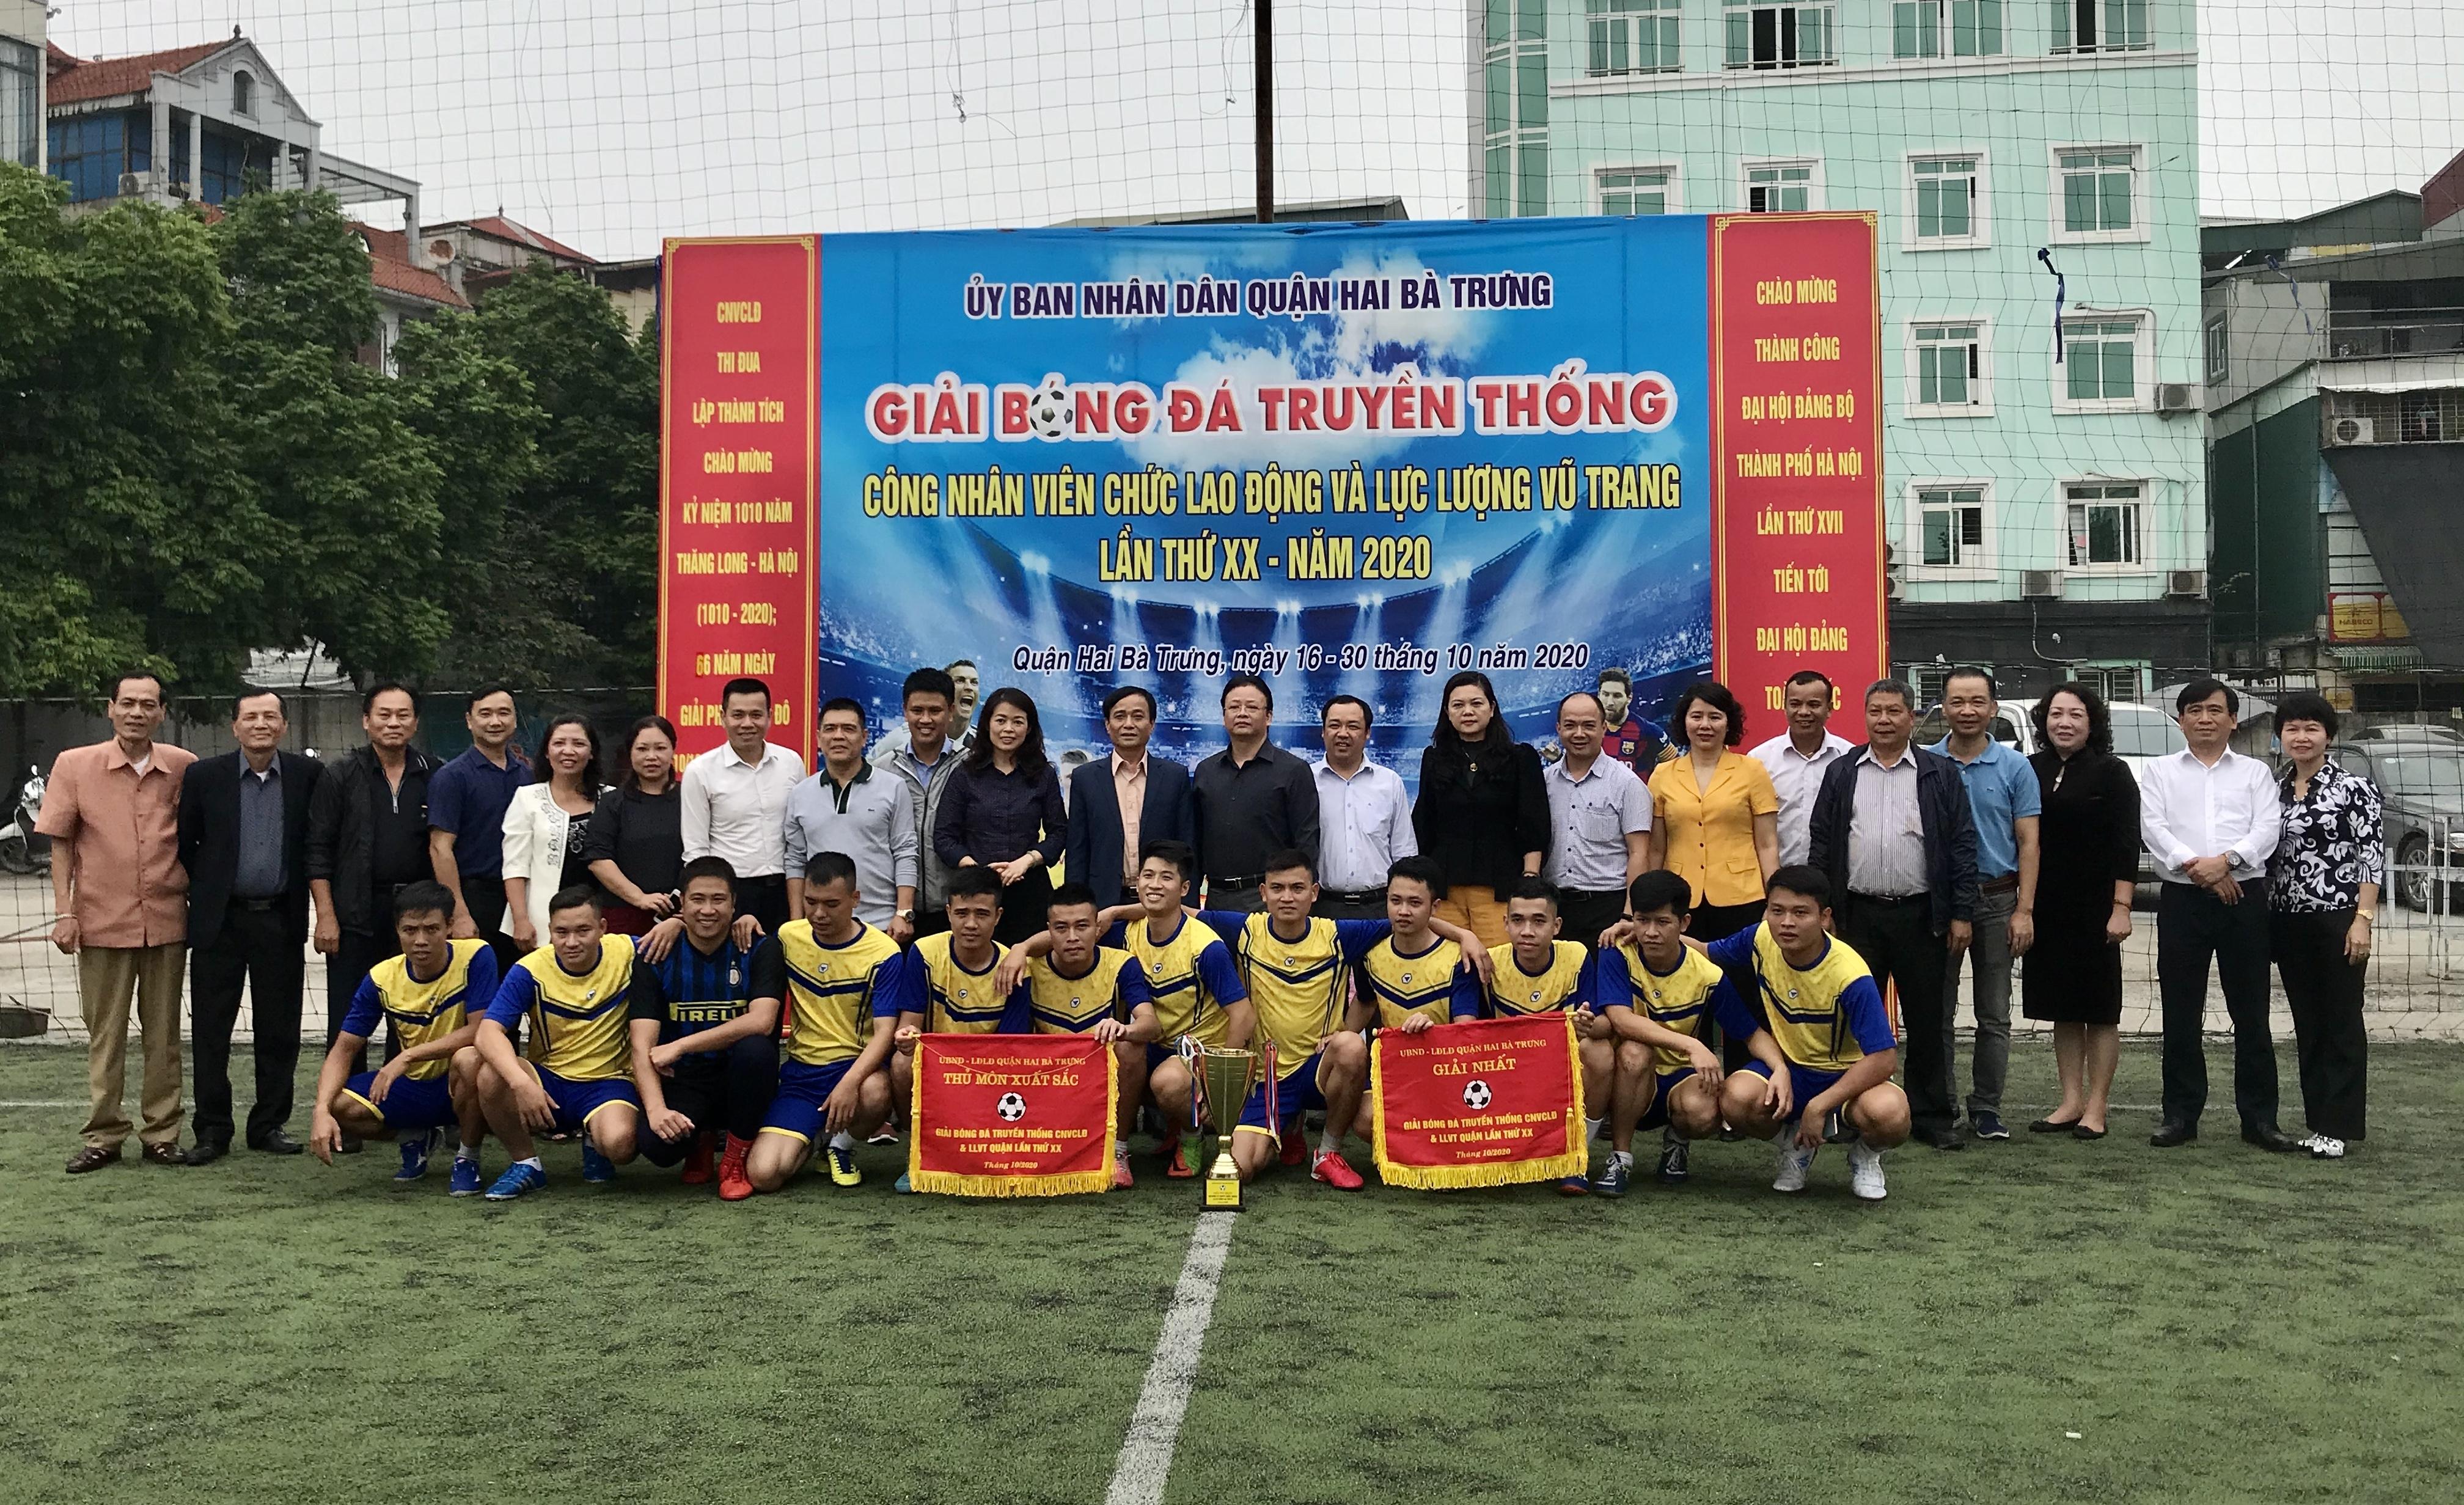 Công ty TNHH MTV Thoát nước Hà Nội vô địch Giải bóng đá truyền thống quận Hai Bà Trưng